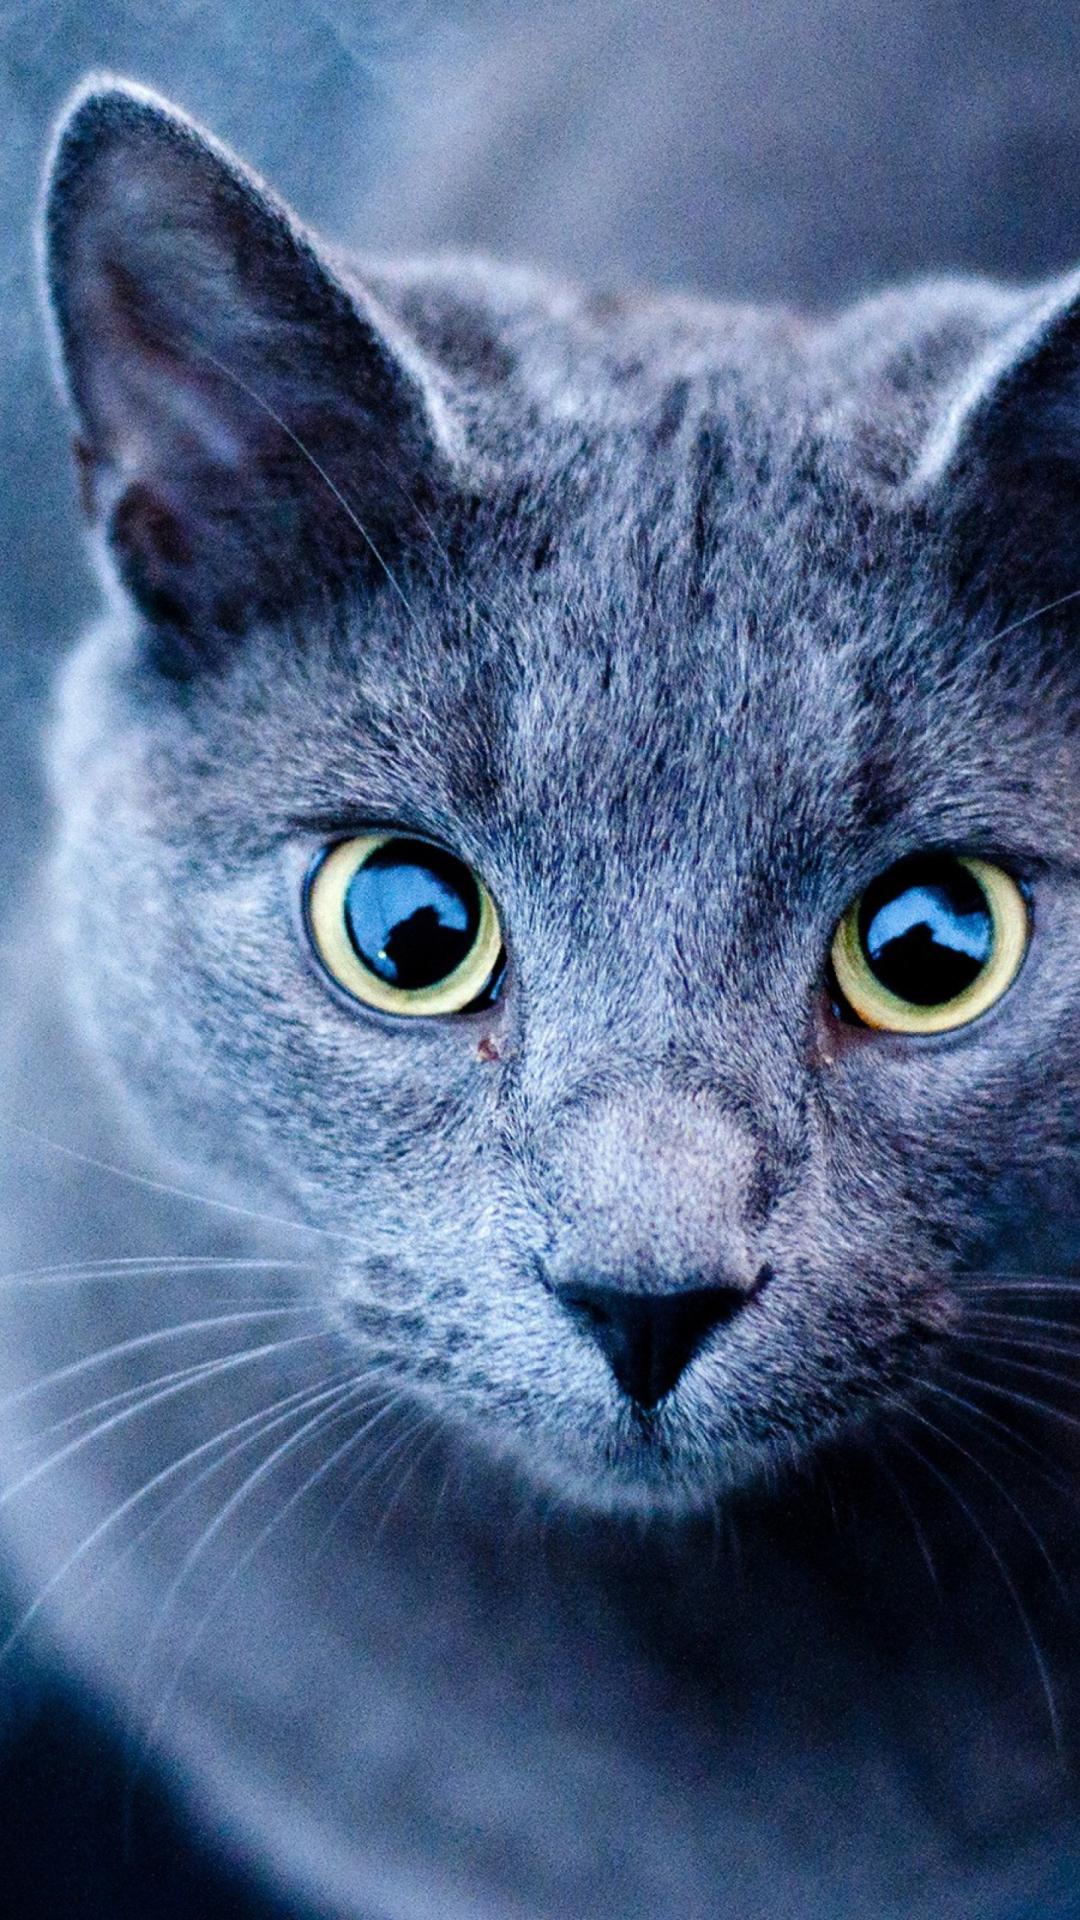 кошки картинки для мобильного нее синие волосы